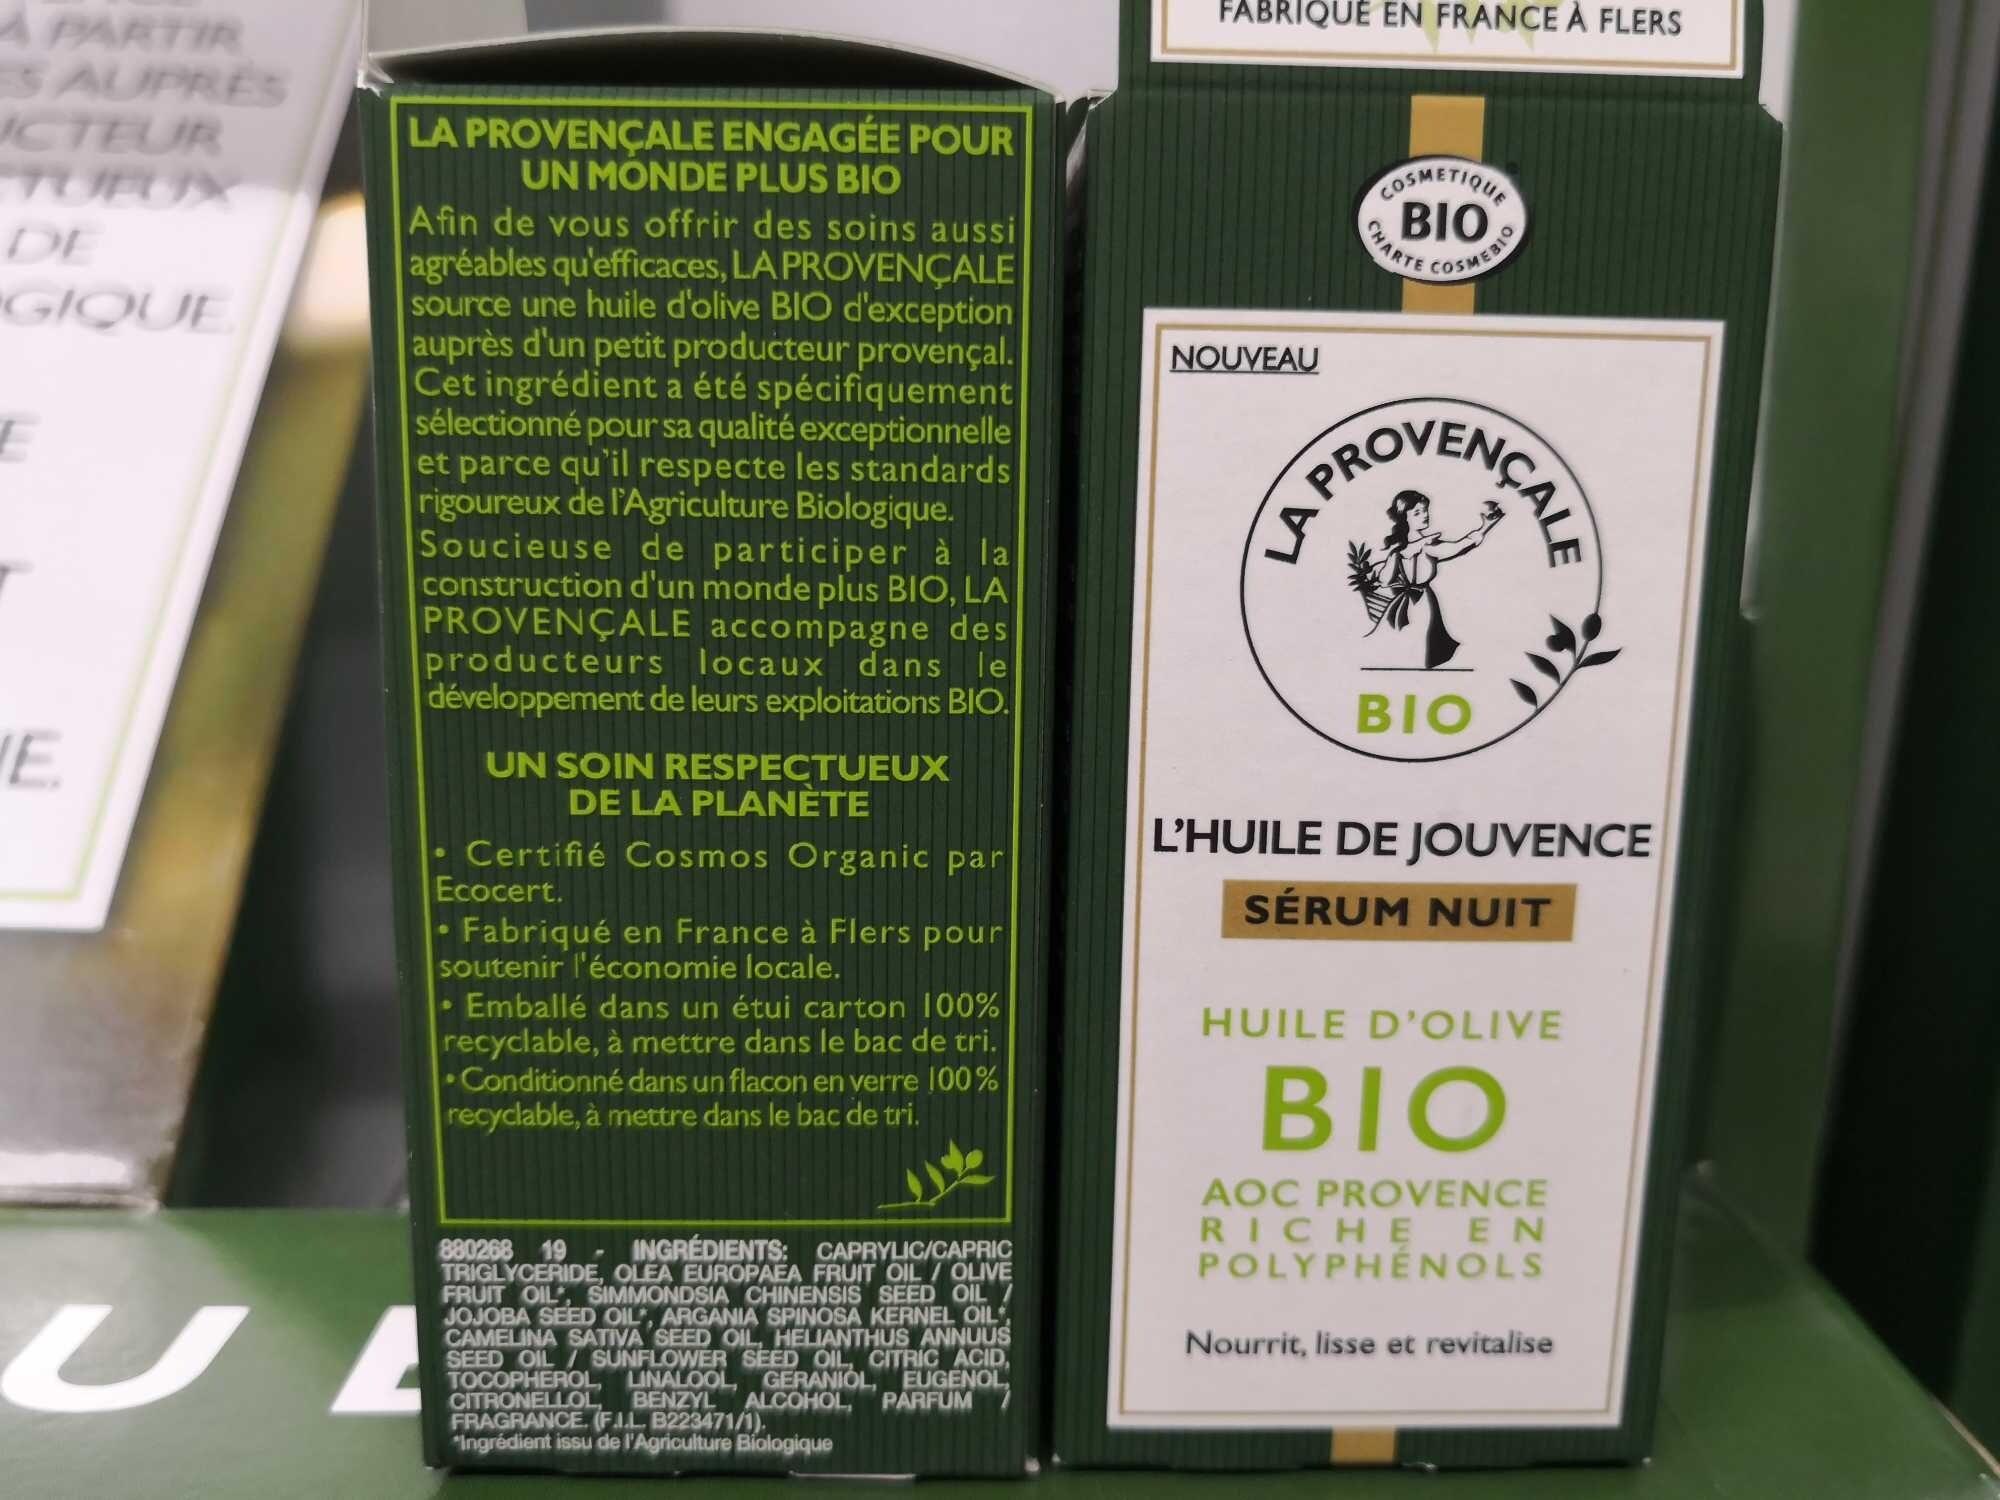 L'huile de jouvence Sérum nuit - Product - fr